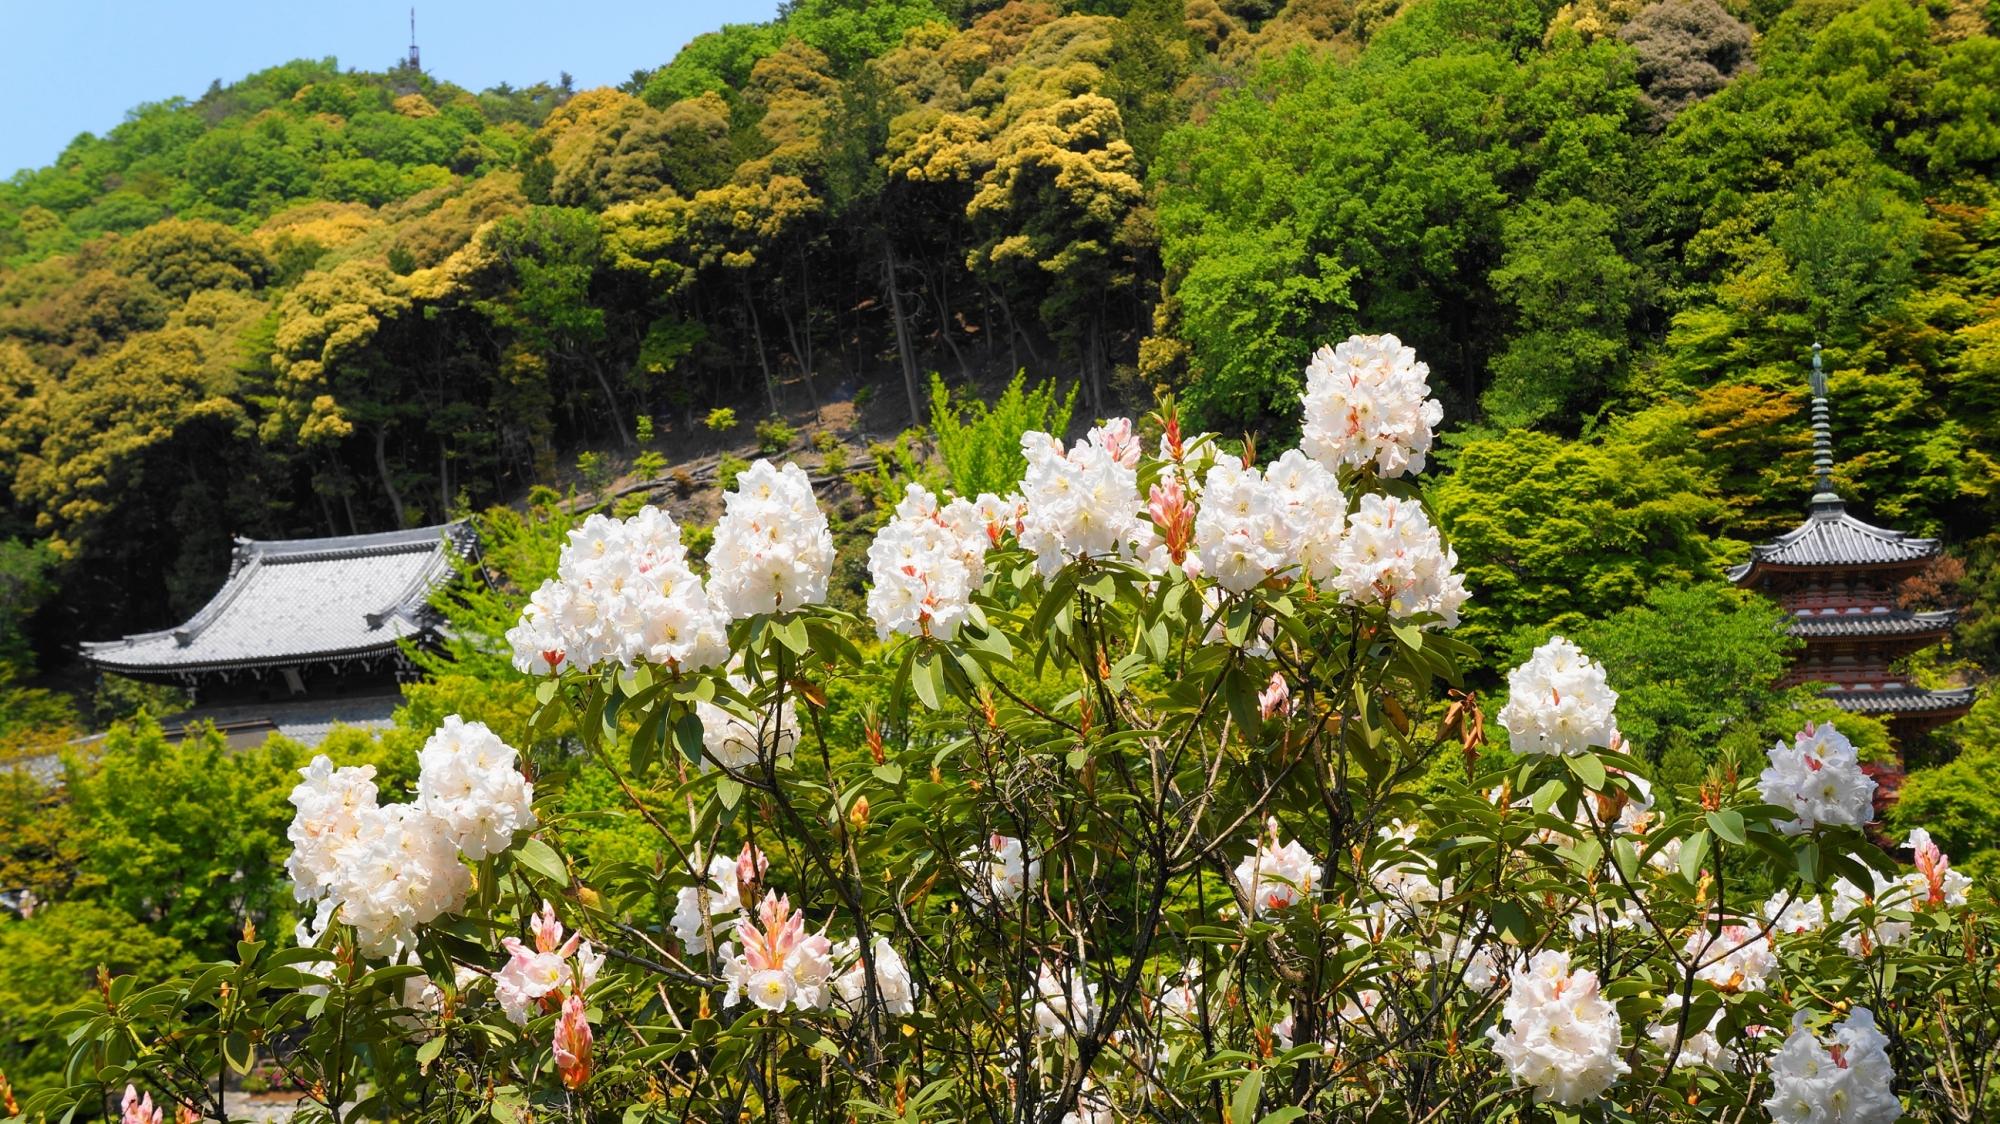 三室戸寺の素晴らしい石楠花と春の情景